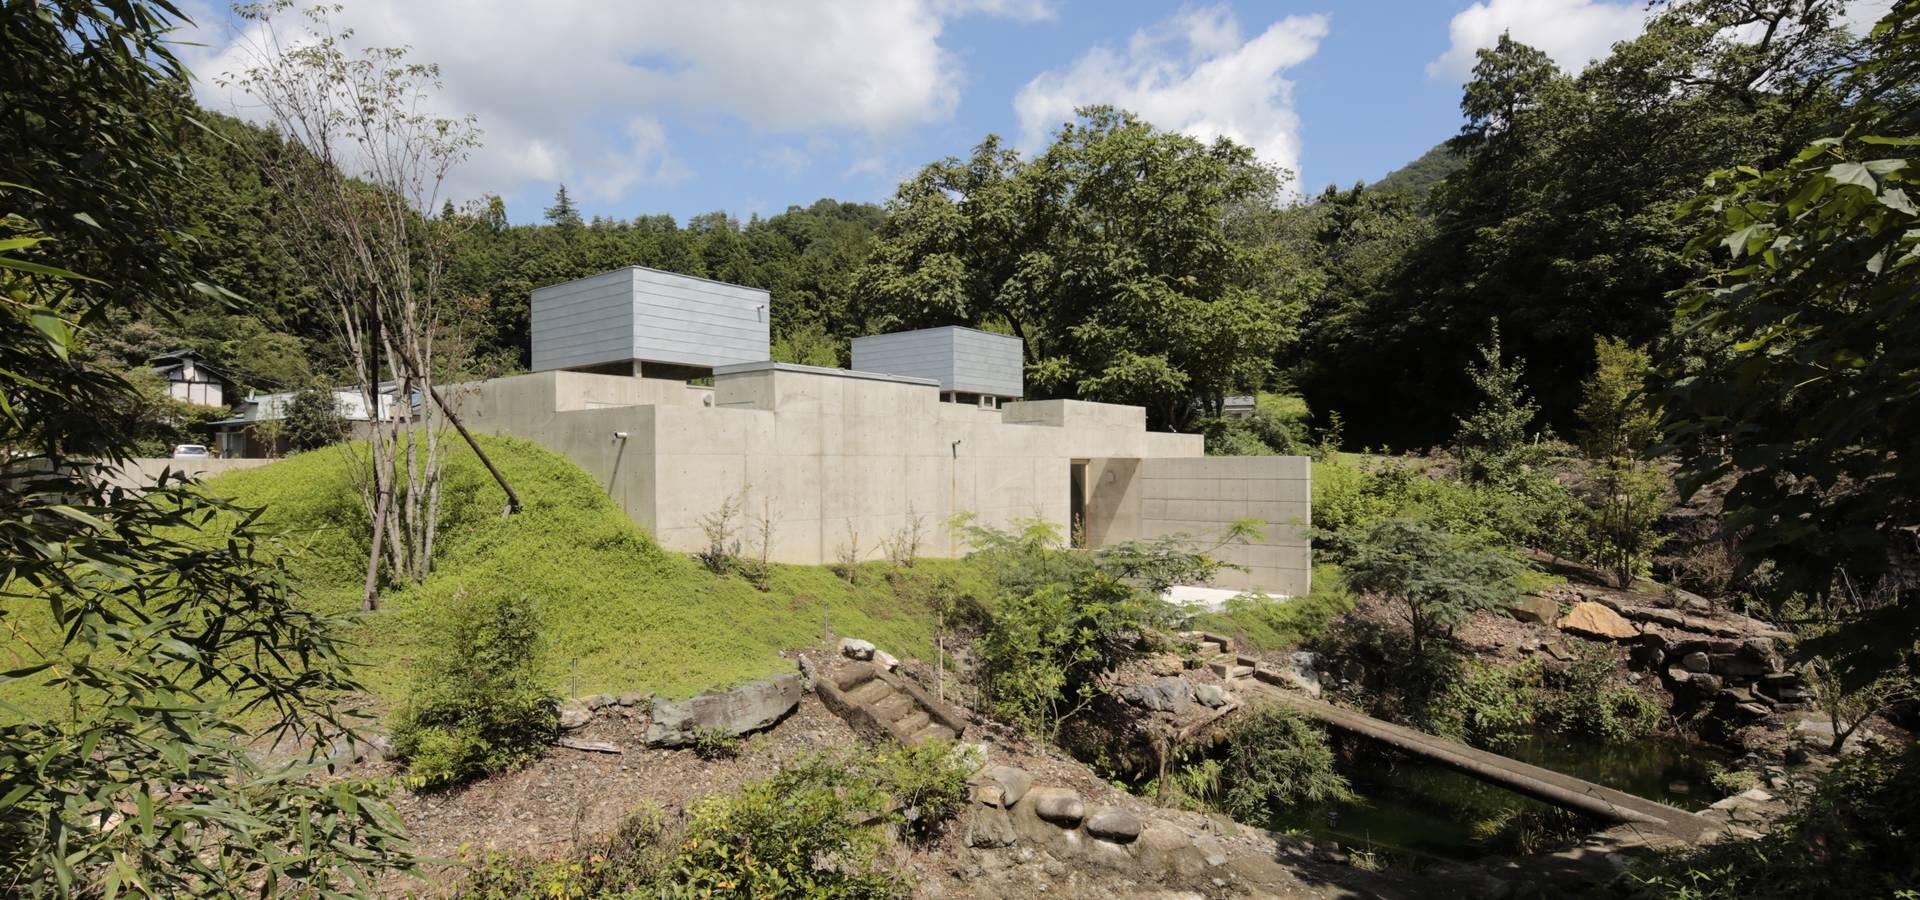 上原和建築研究所/ Kazu Uehara Atelier, architects